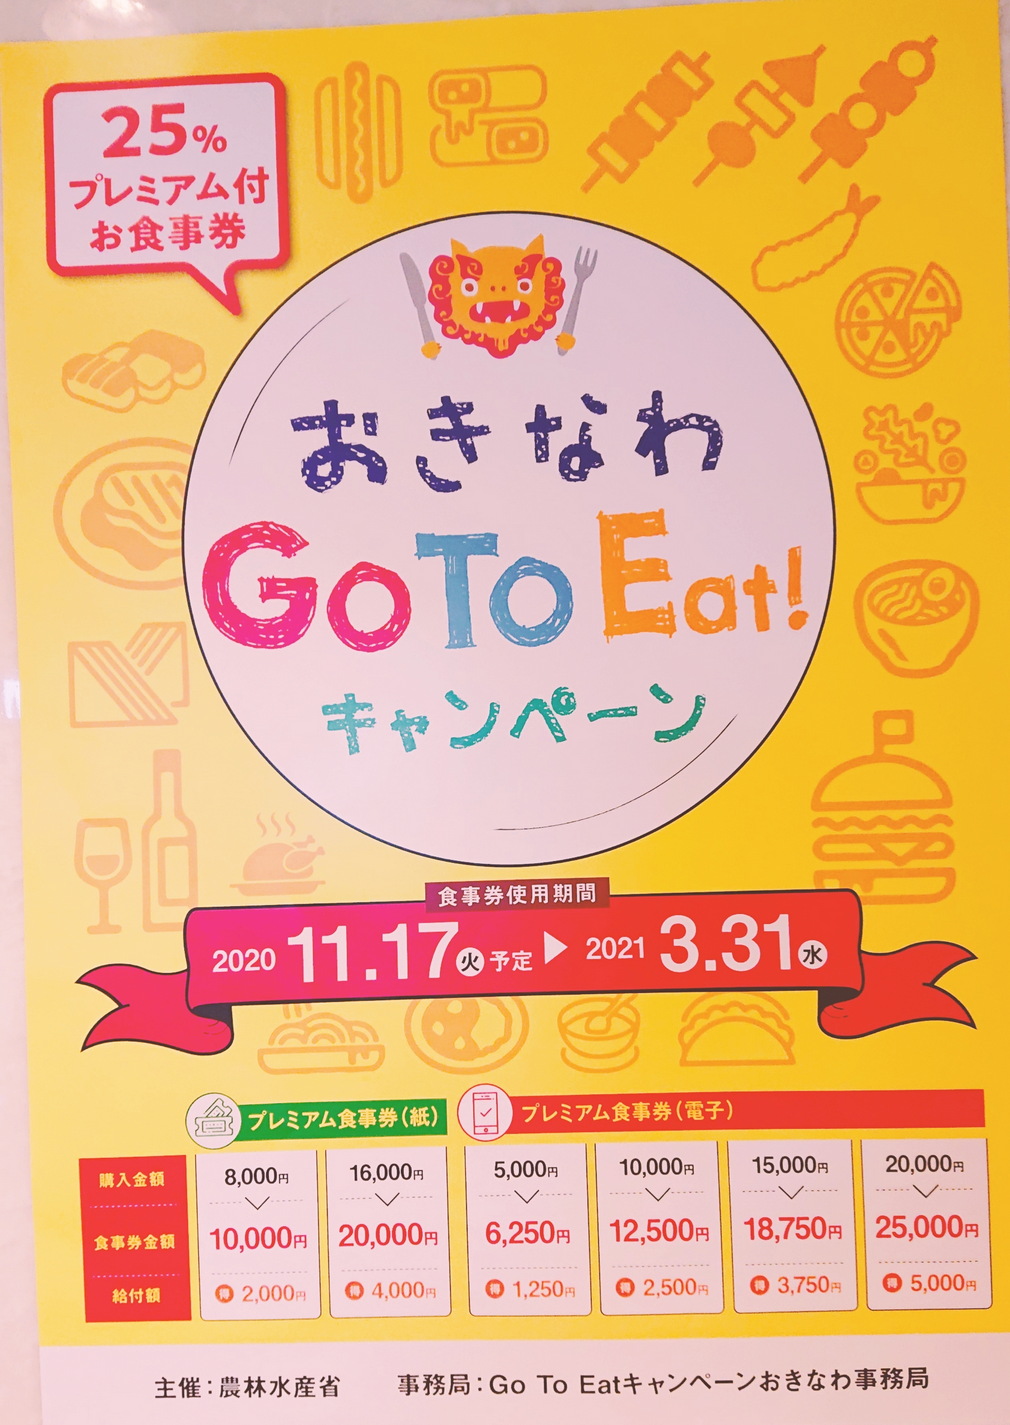 Go To Eat キャンペーンおきなわ 公式webサイト開設